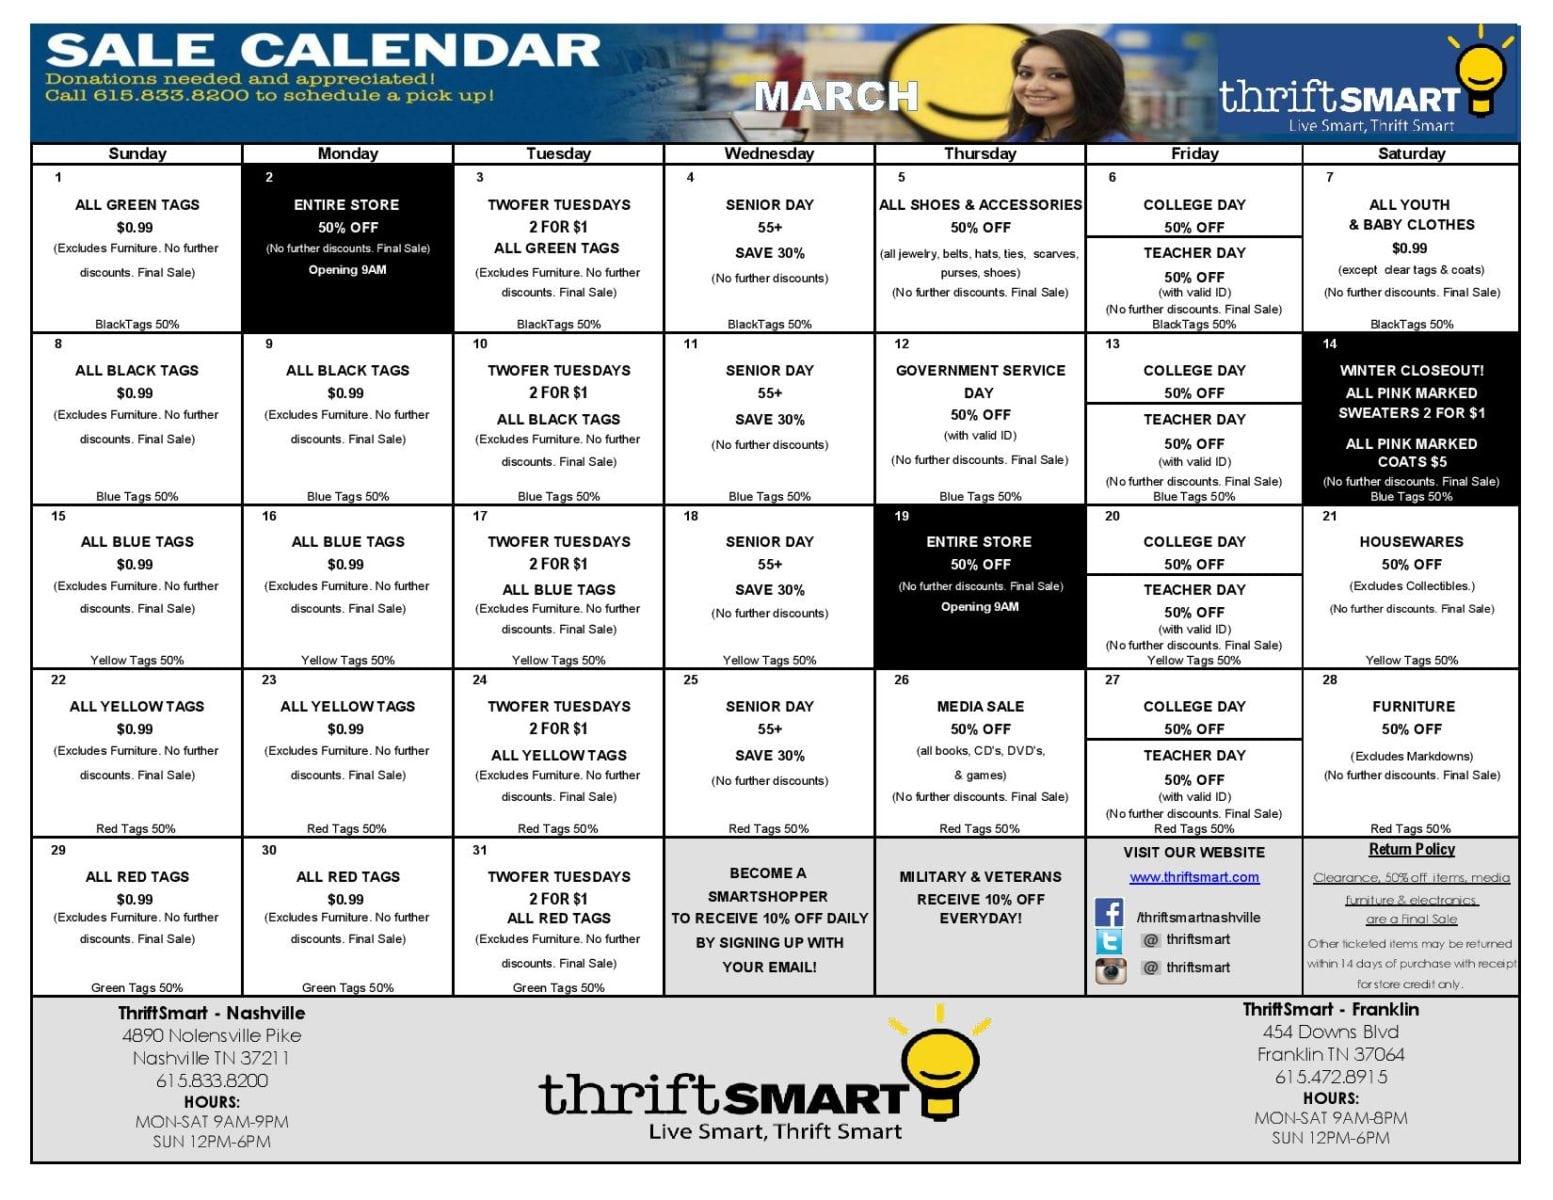 Calendar For Sale : Thrift smart march sales calendar